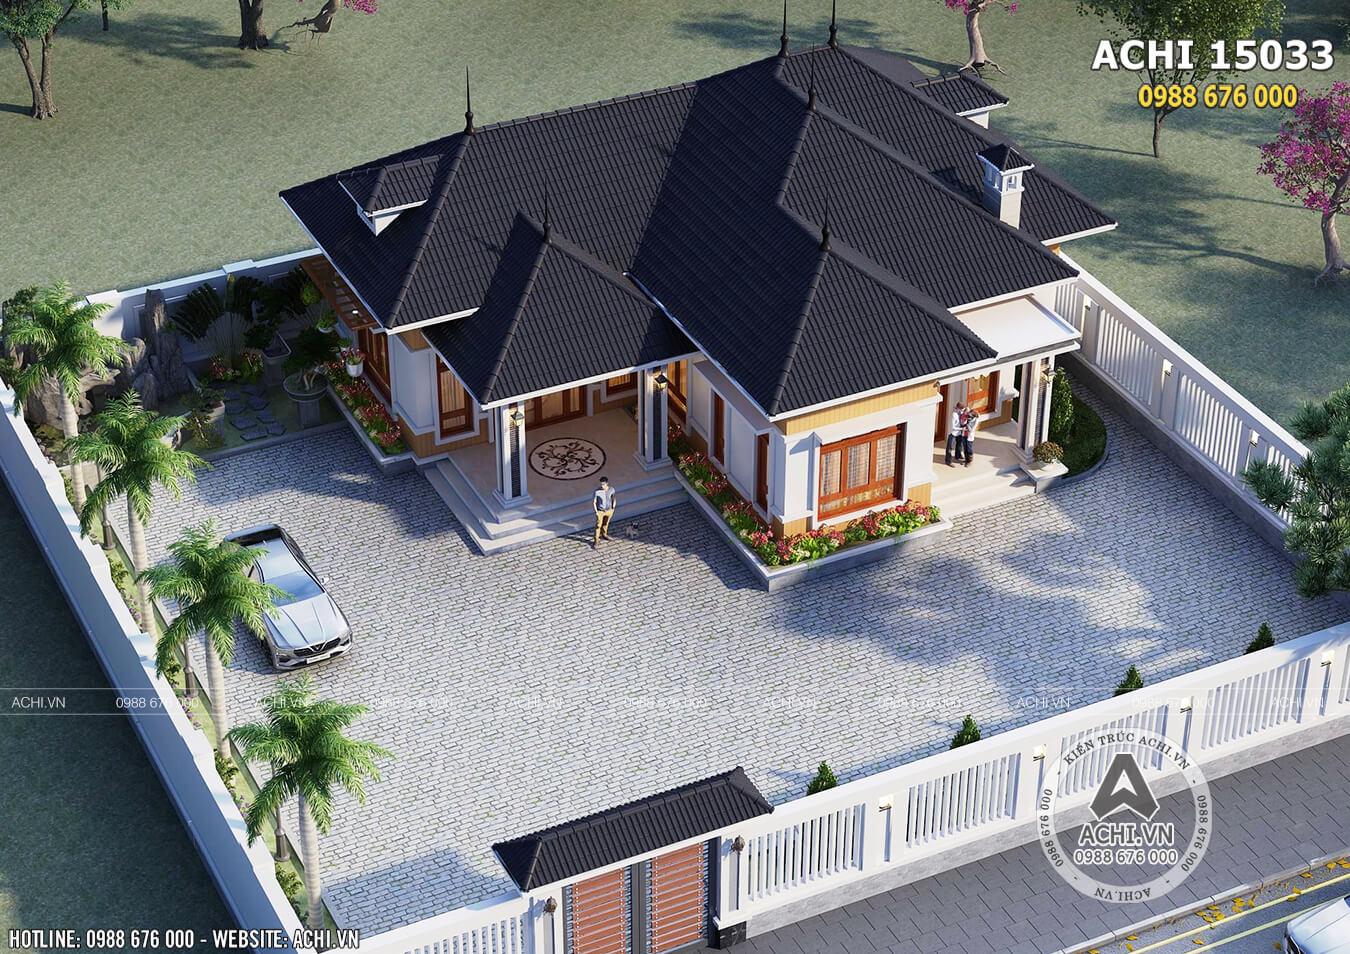 Toàn cảnh thiết kế nhà cấp 4 mái Thái đơn giản - Mã số: ACHI 15033 khi nhìn từ trên cao xuống